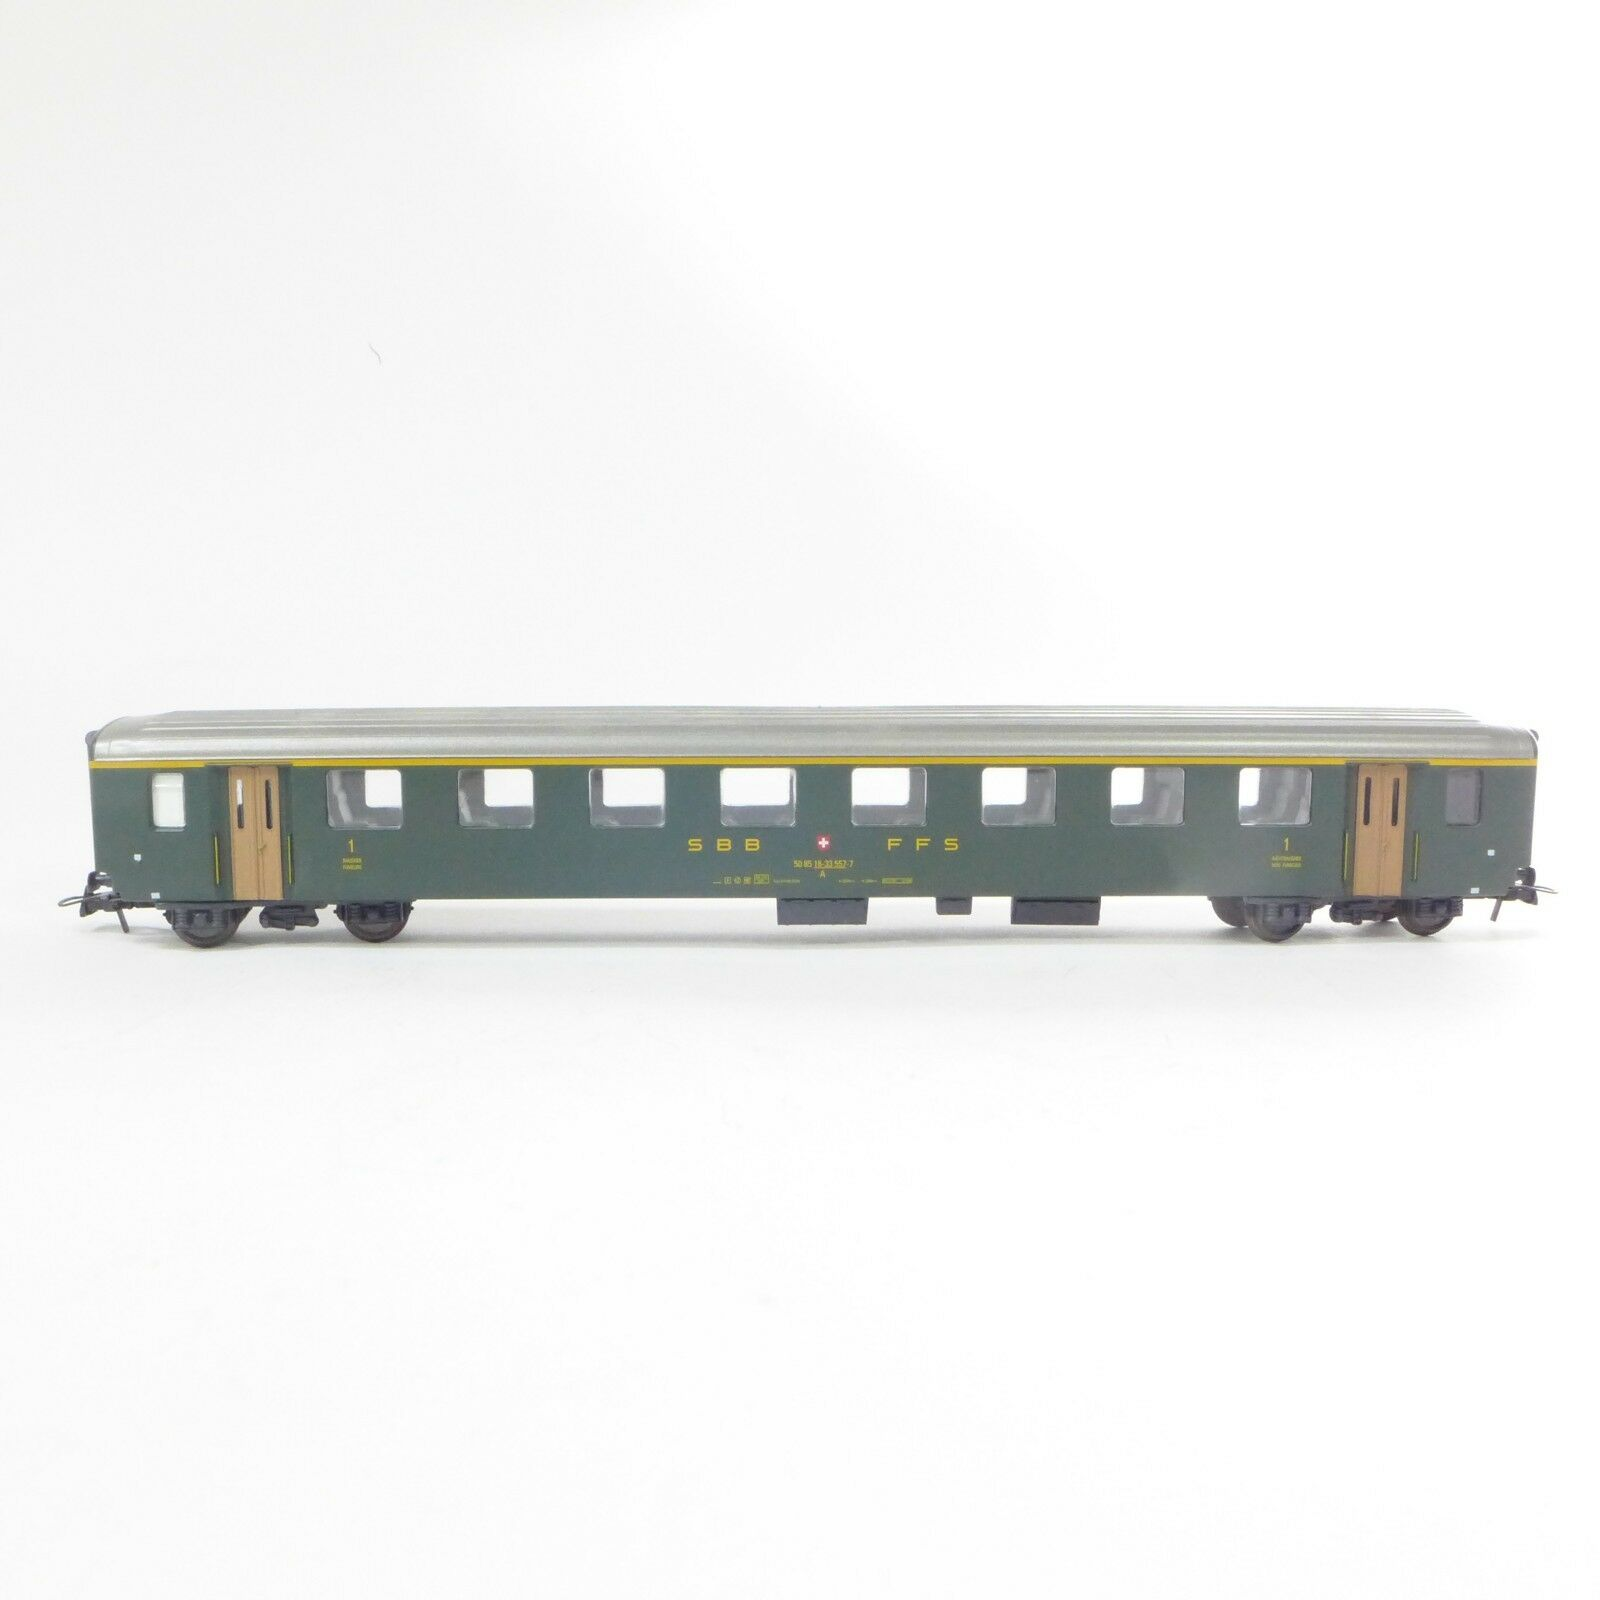 Vintage Hag Suizo Hecho Escala Ho SBB Cff verde Pasajero Coche Tren Vehículo